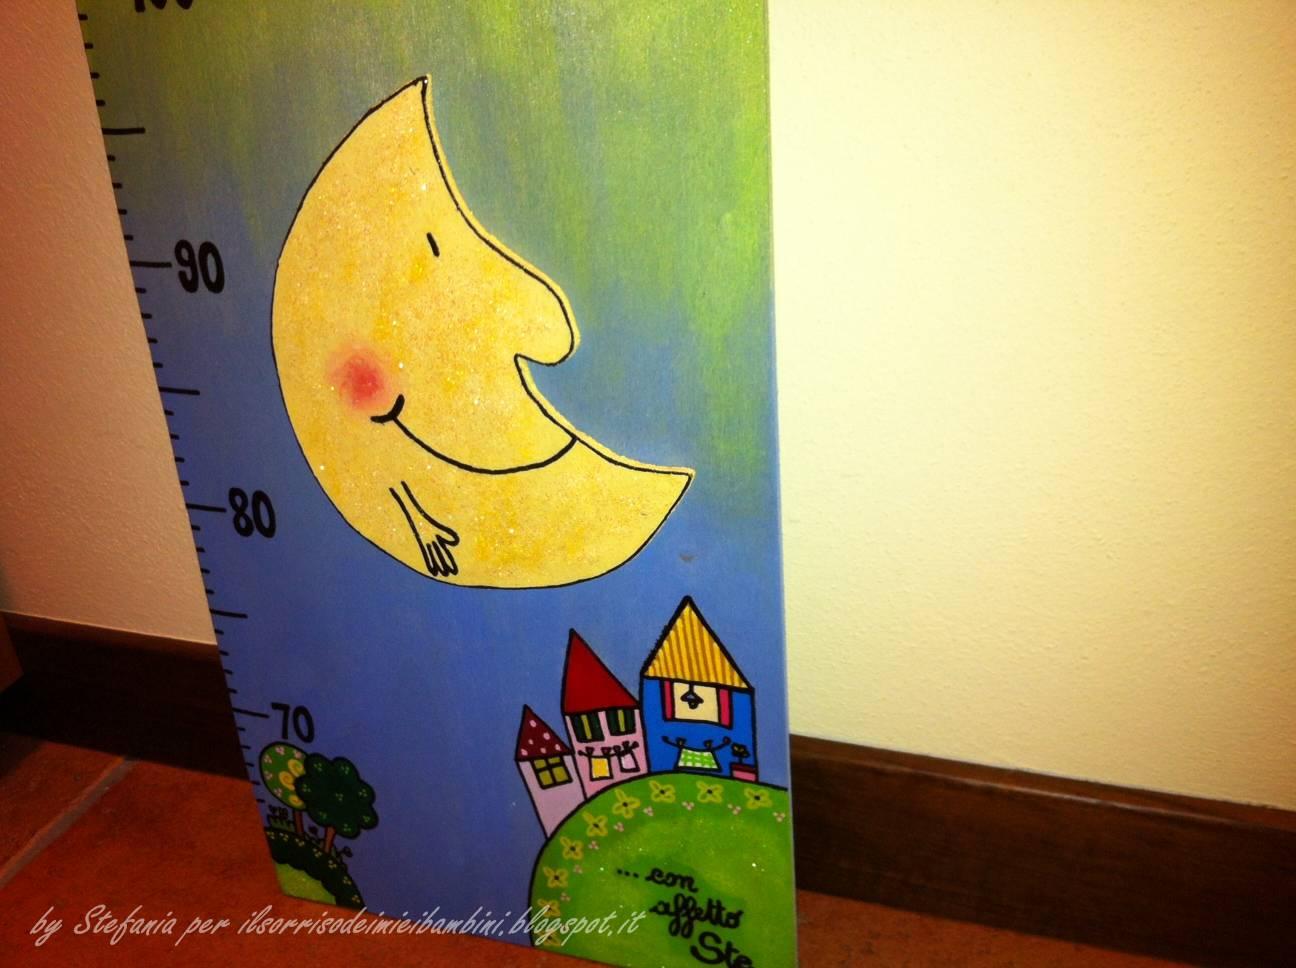 Decorazioni Per Camerette Bambini Fai Da Te : Meraviglioso decorazioni camerette per la cameretta stickers fai